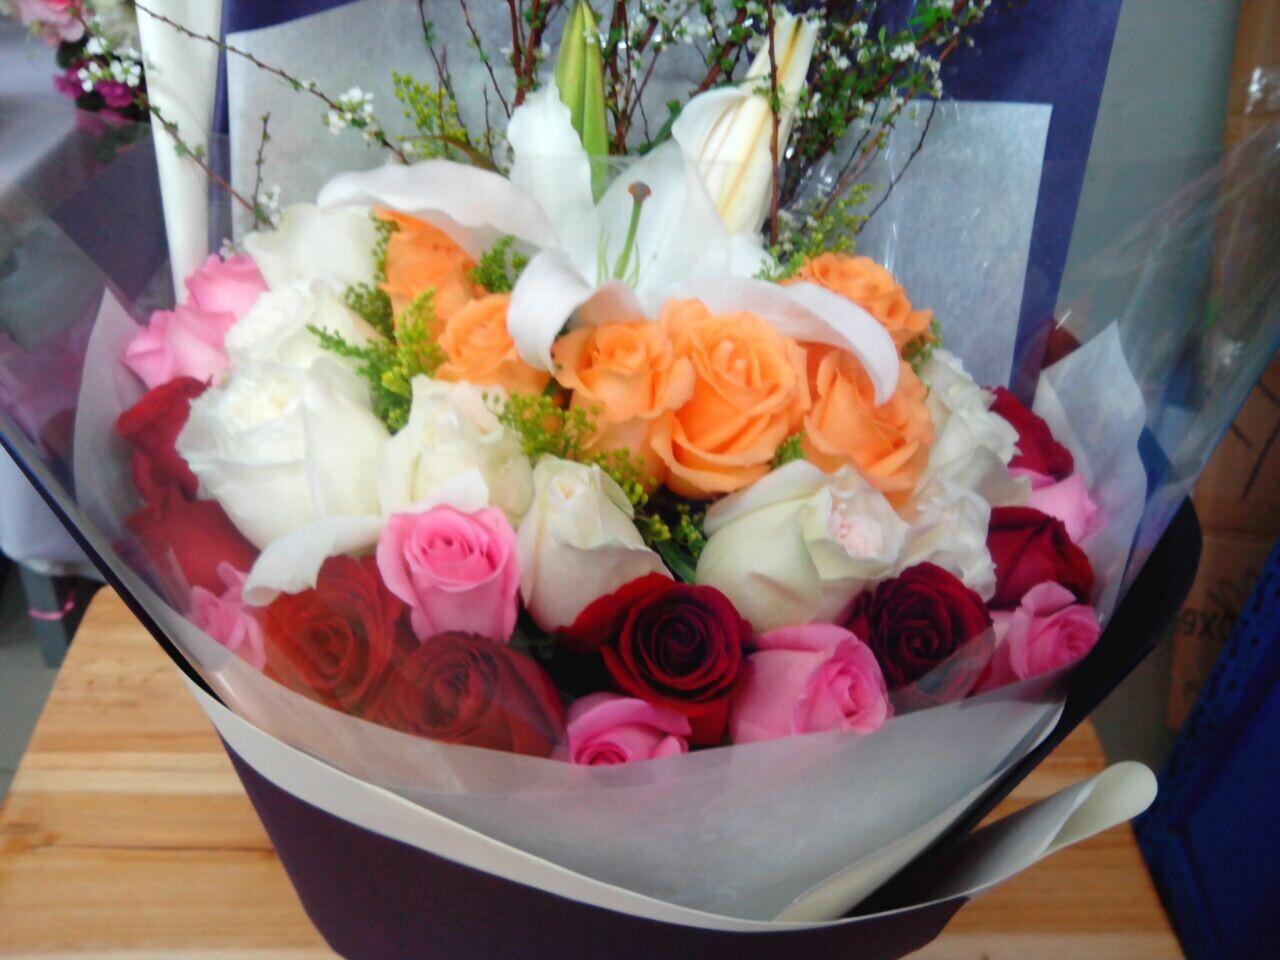 石夏兰约会神器,生日鲜花,彩色玫瑰花,深圳鲜花速递,送全国,深圳,福田,罗湖,布吉,混搭,33朵玫瑰鲜花图片展示。